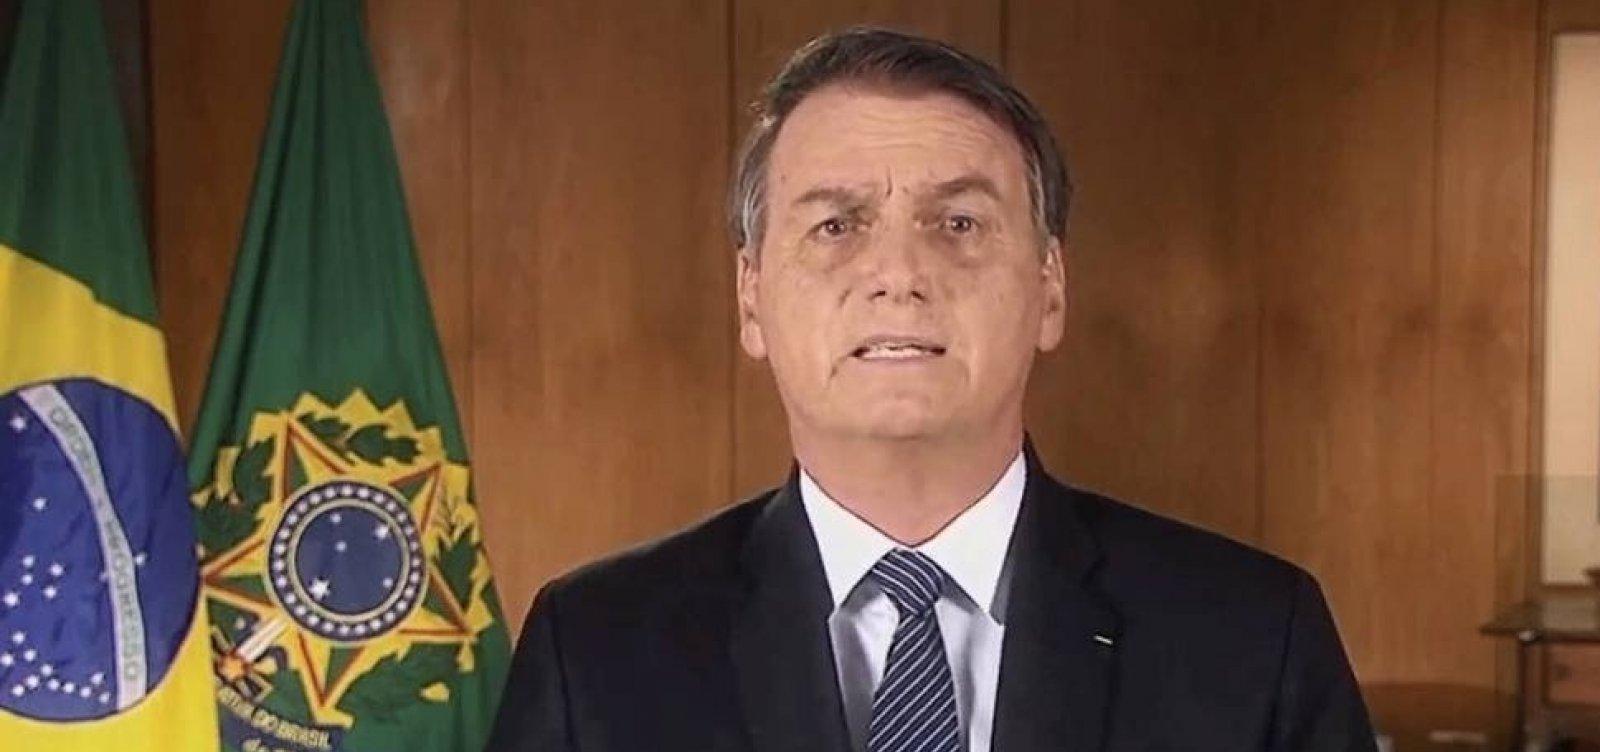 [Bolsonaro estuda fazer pronunciamento em rede nacional de TV sobre Amazônia, diz coluna]